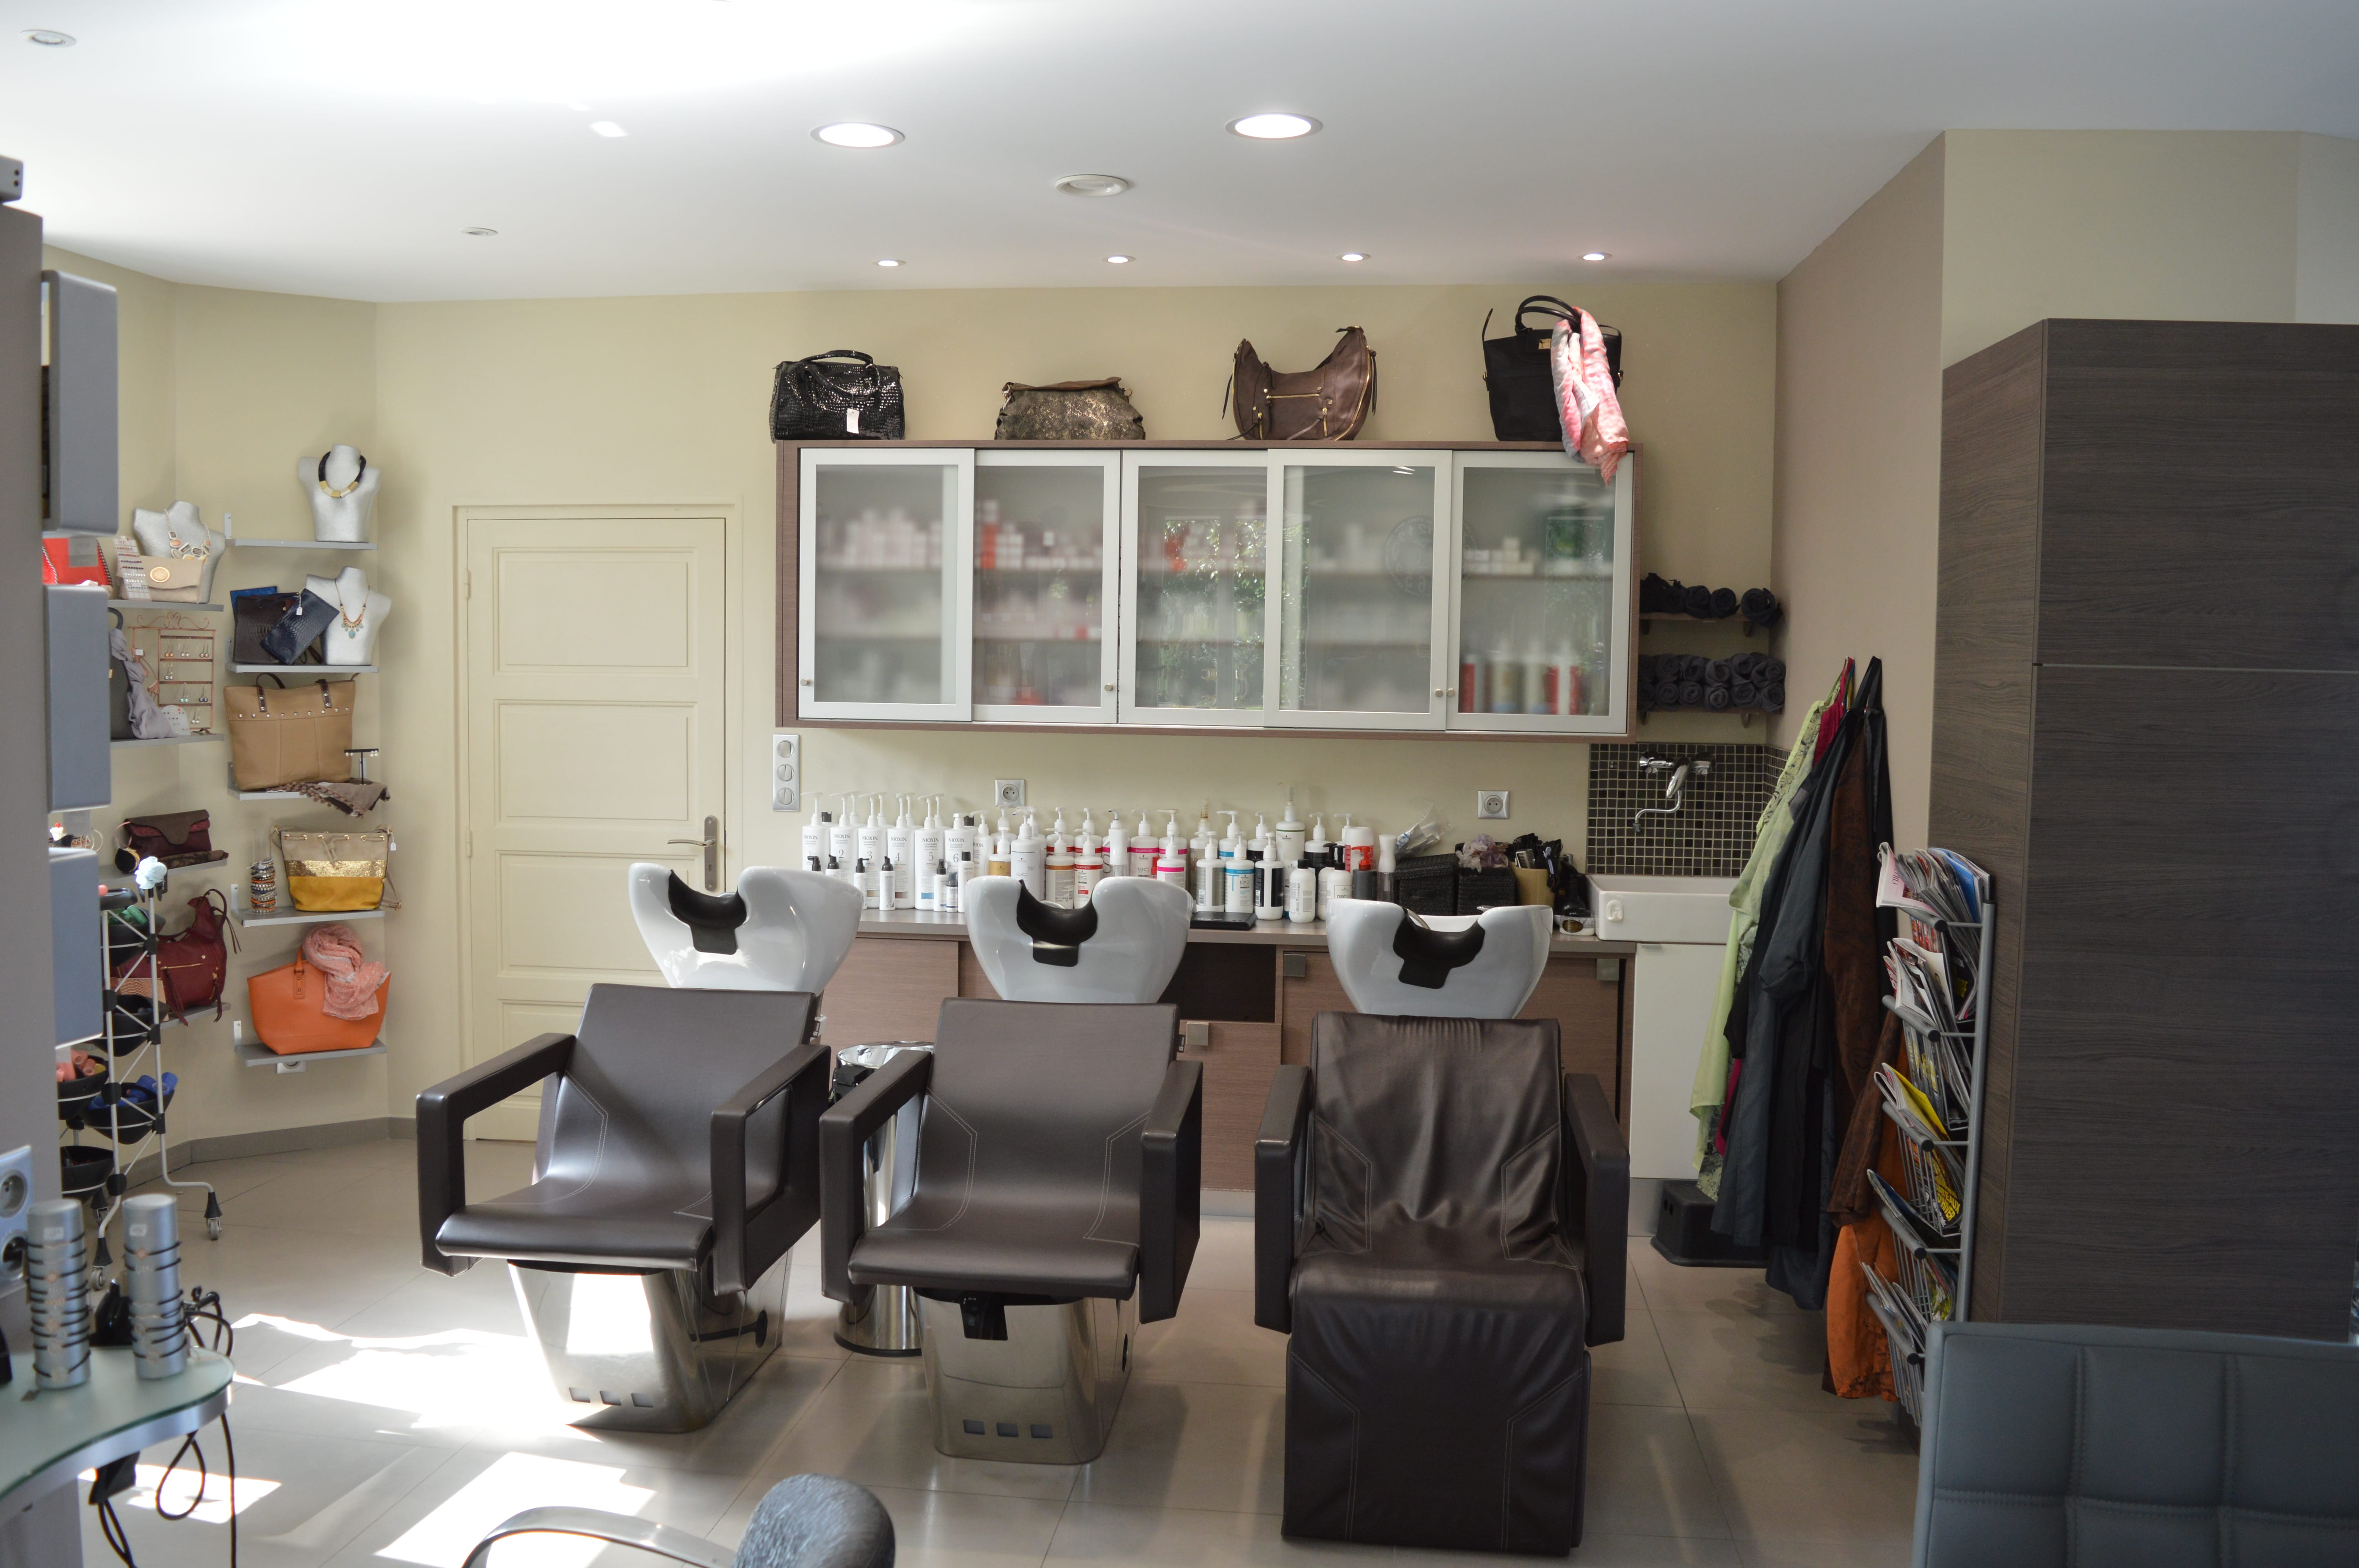 Salon 10 - Elu00e9gance Coiffure